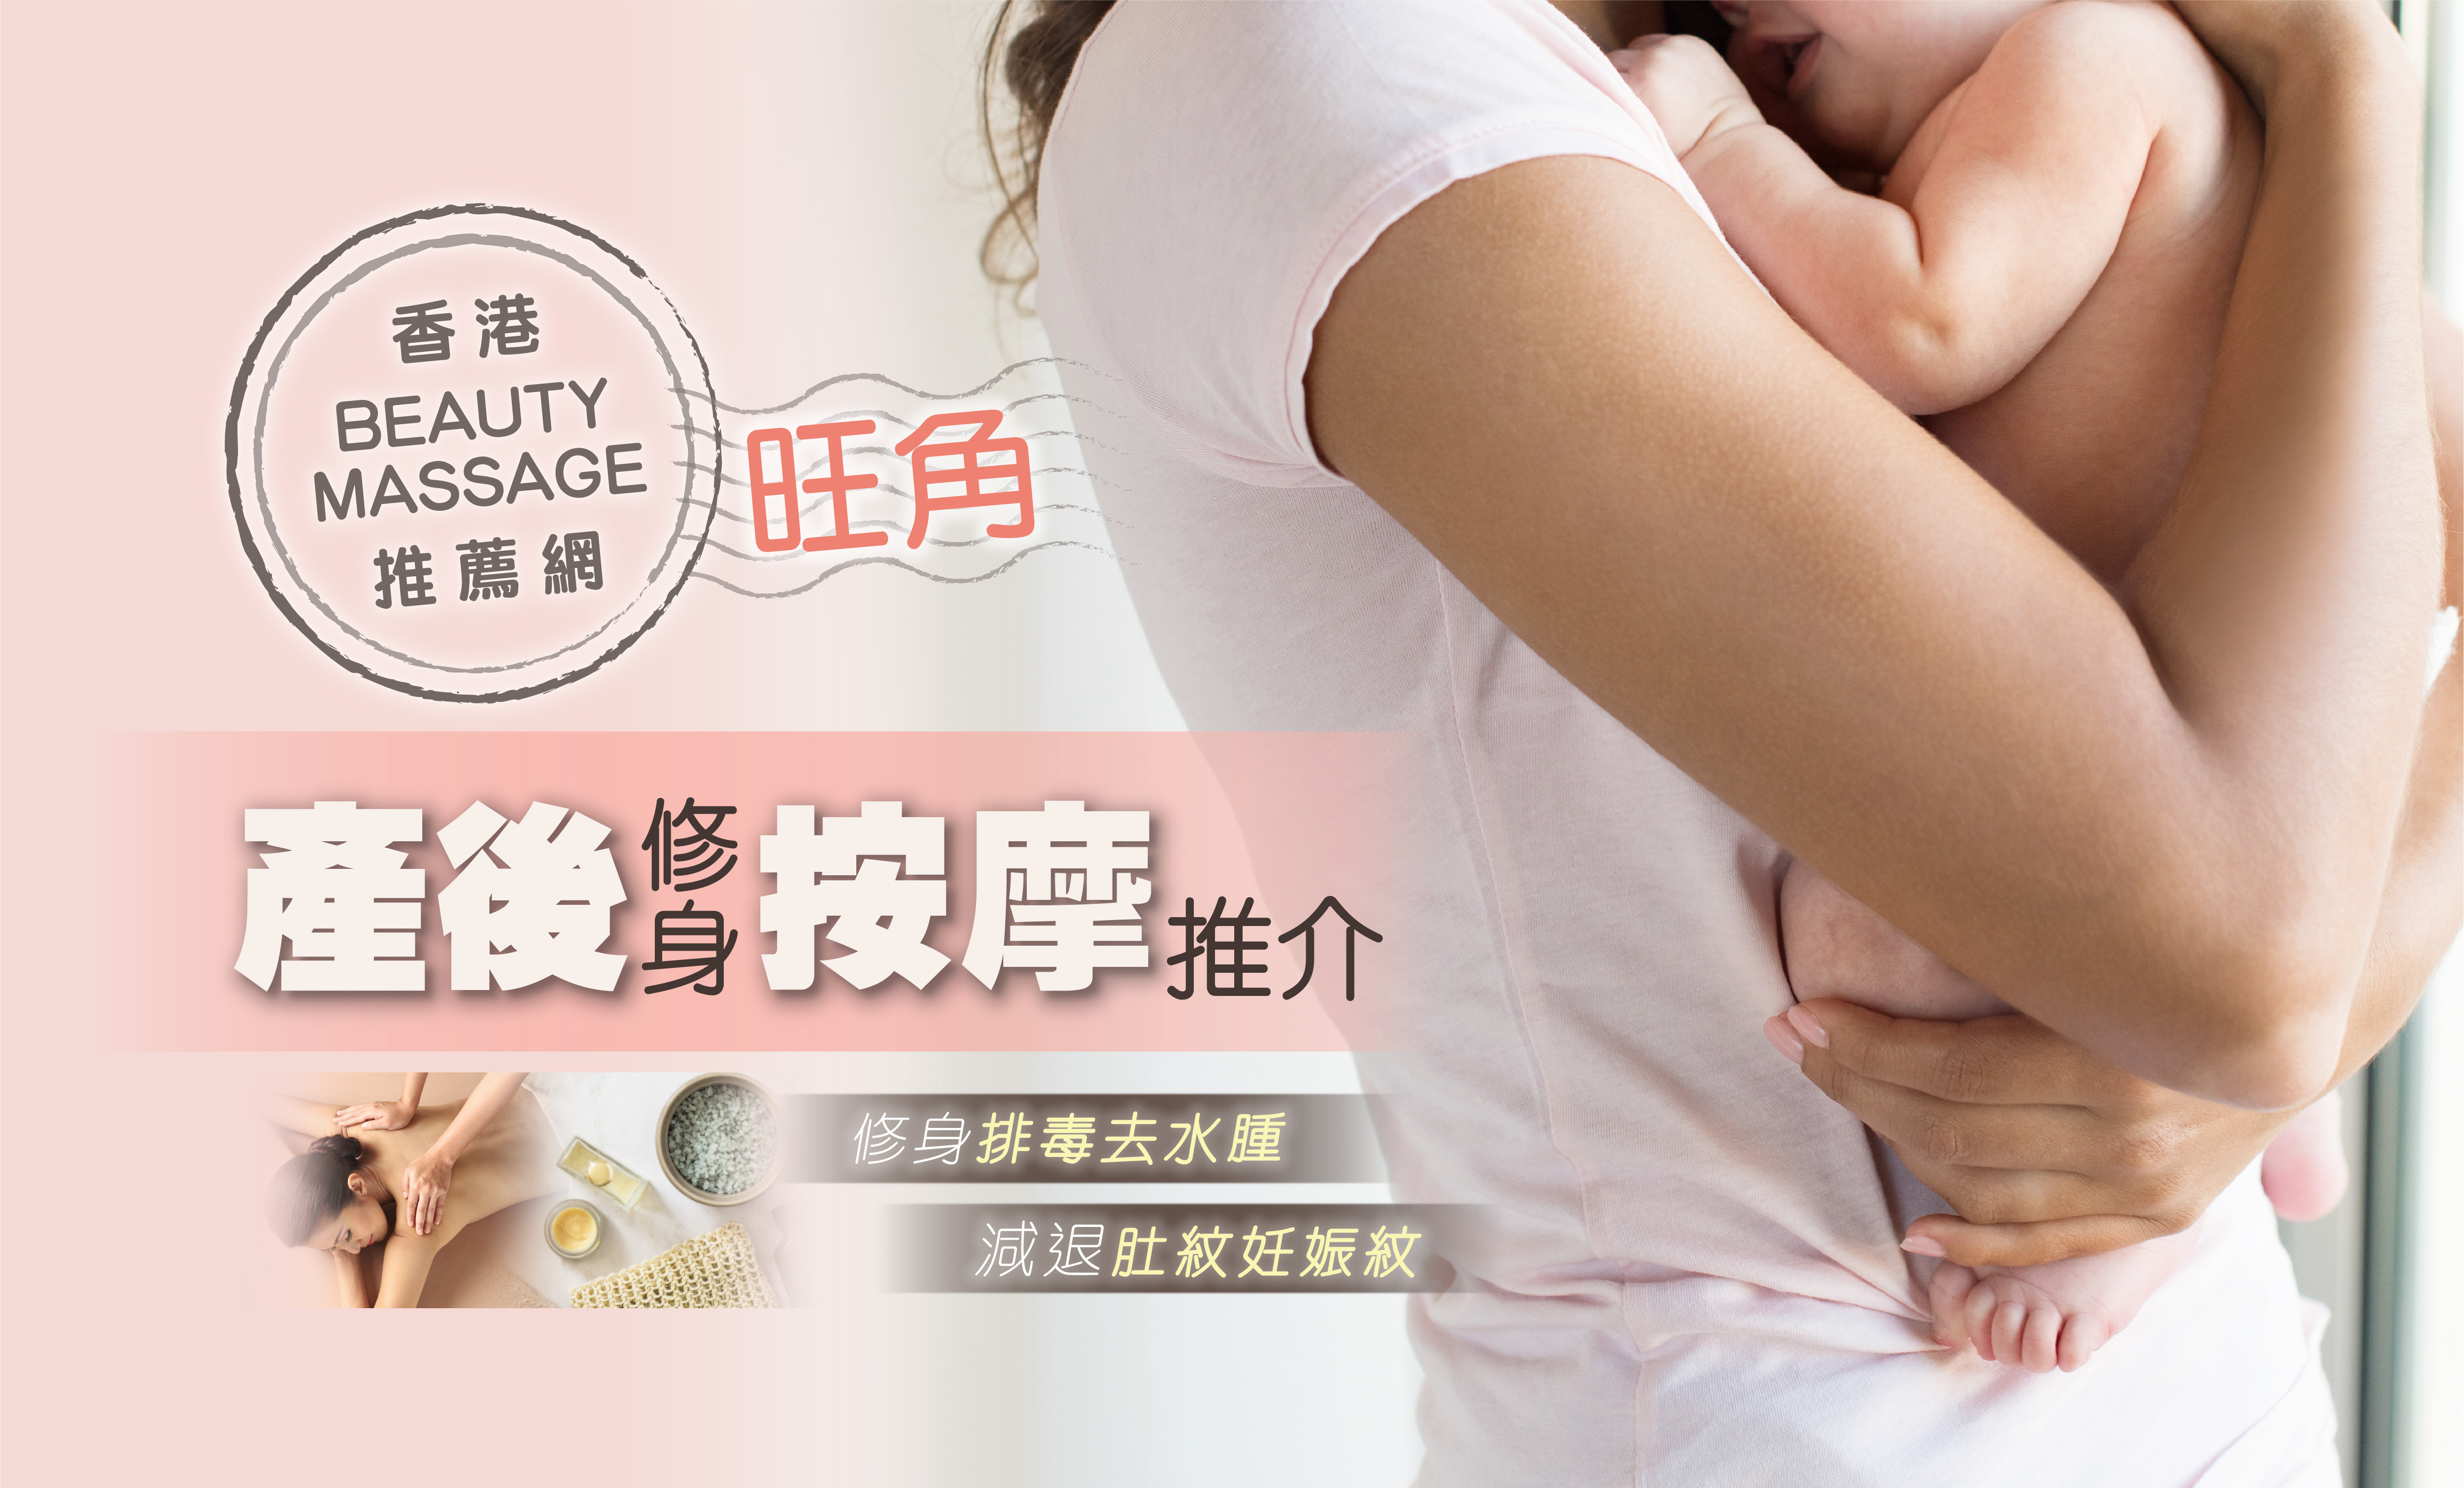 旺角產後修身按摩推介—香港Beauty Massage推薦網